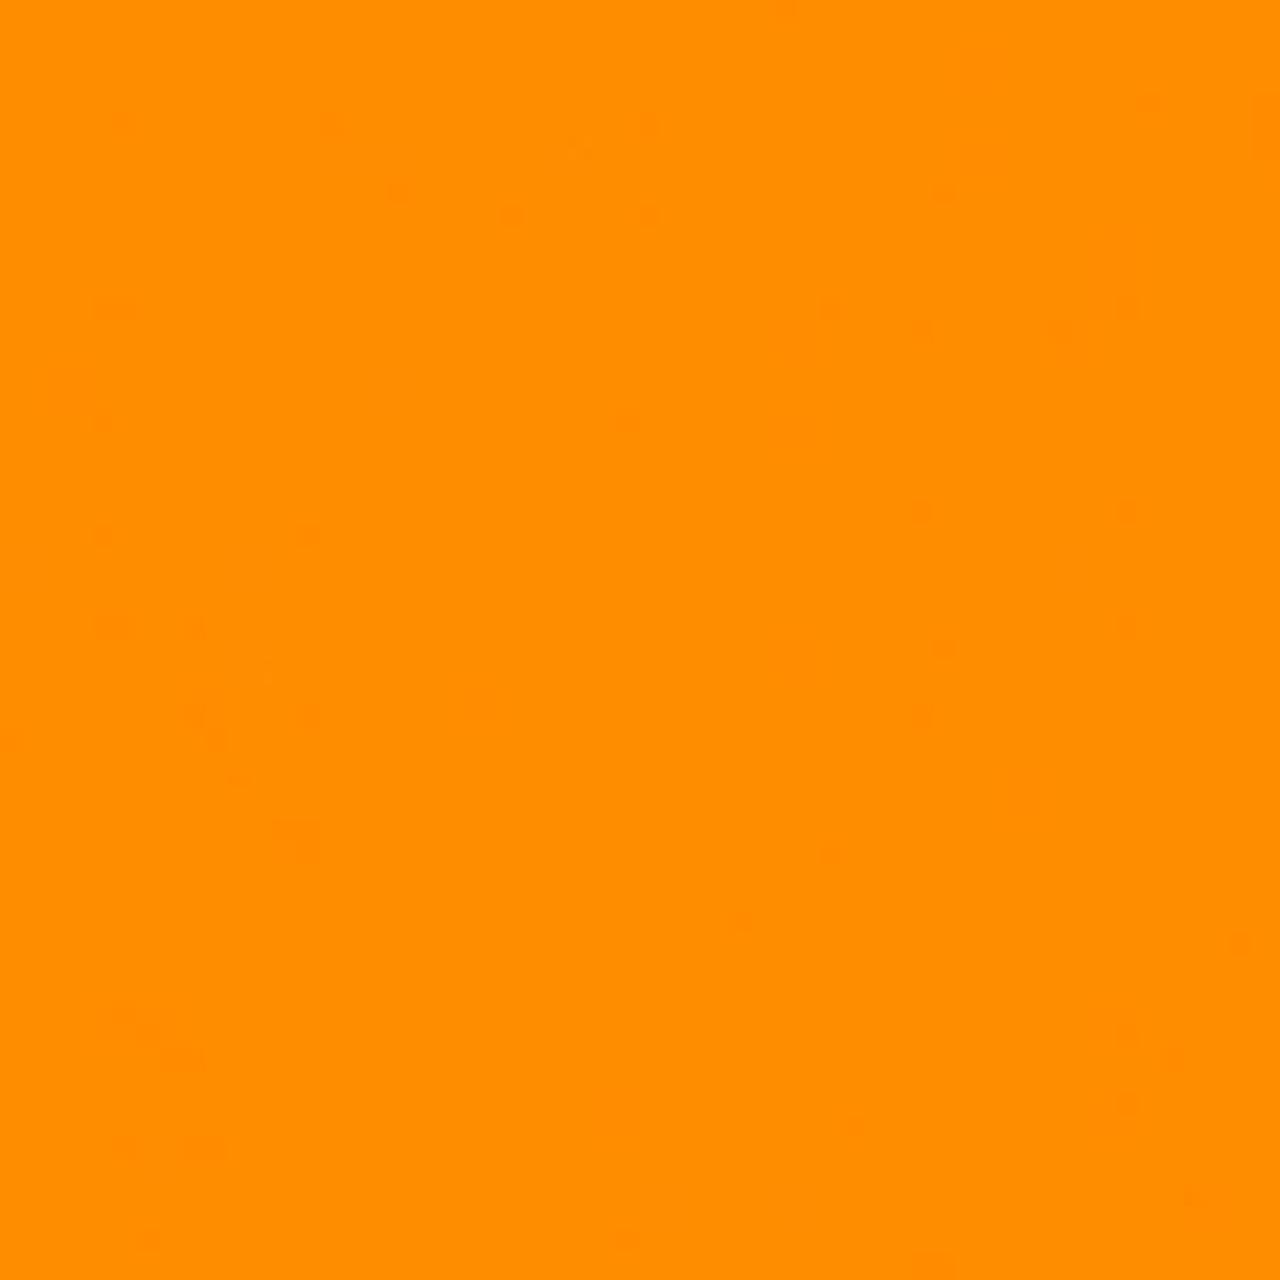 Light Amber Rosco #0016 Gel Filter